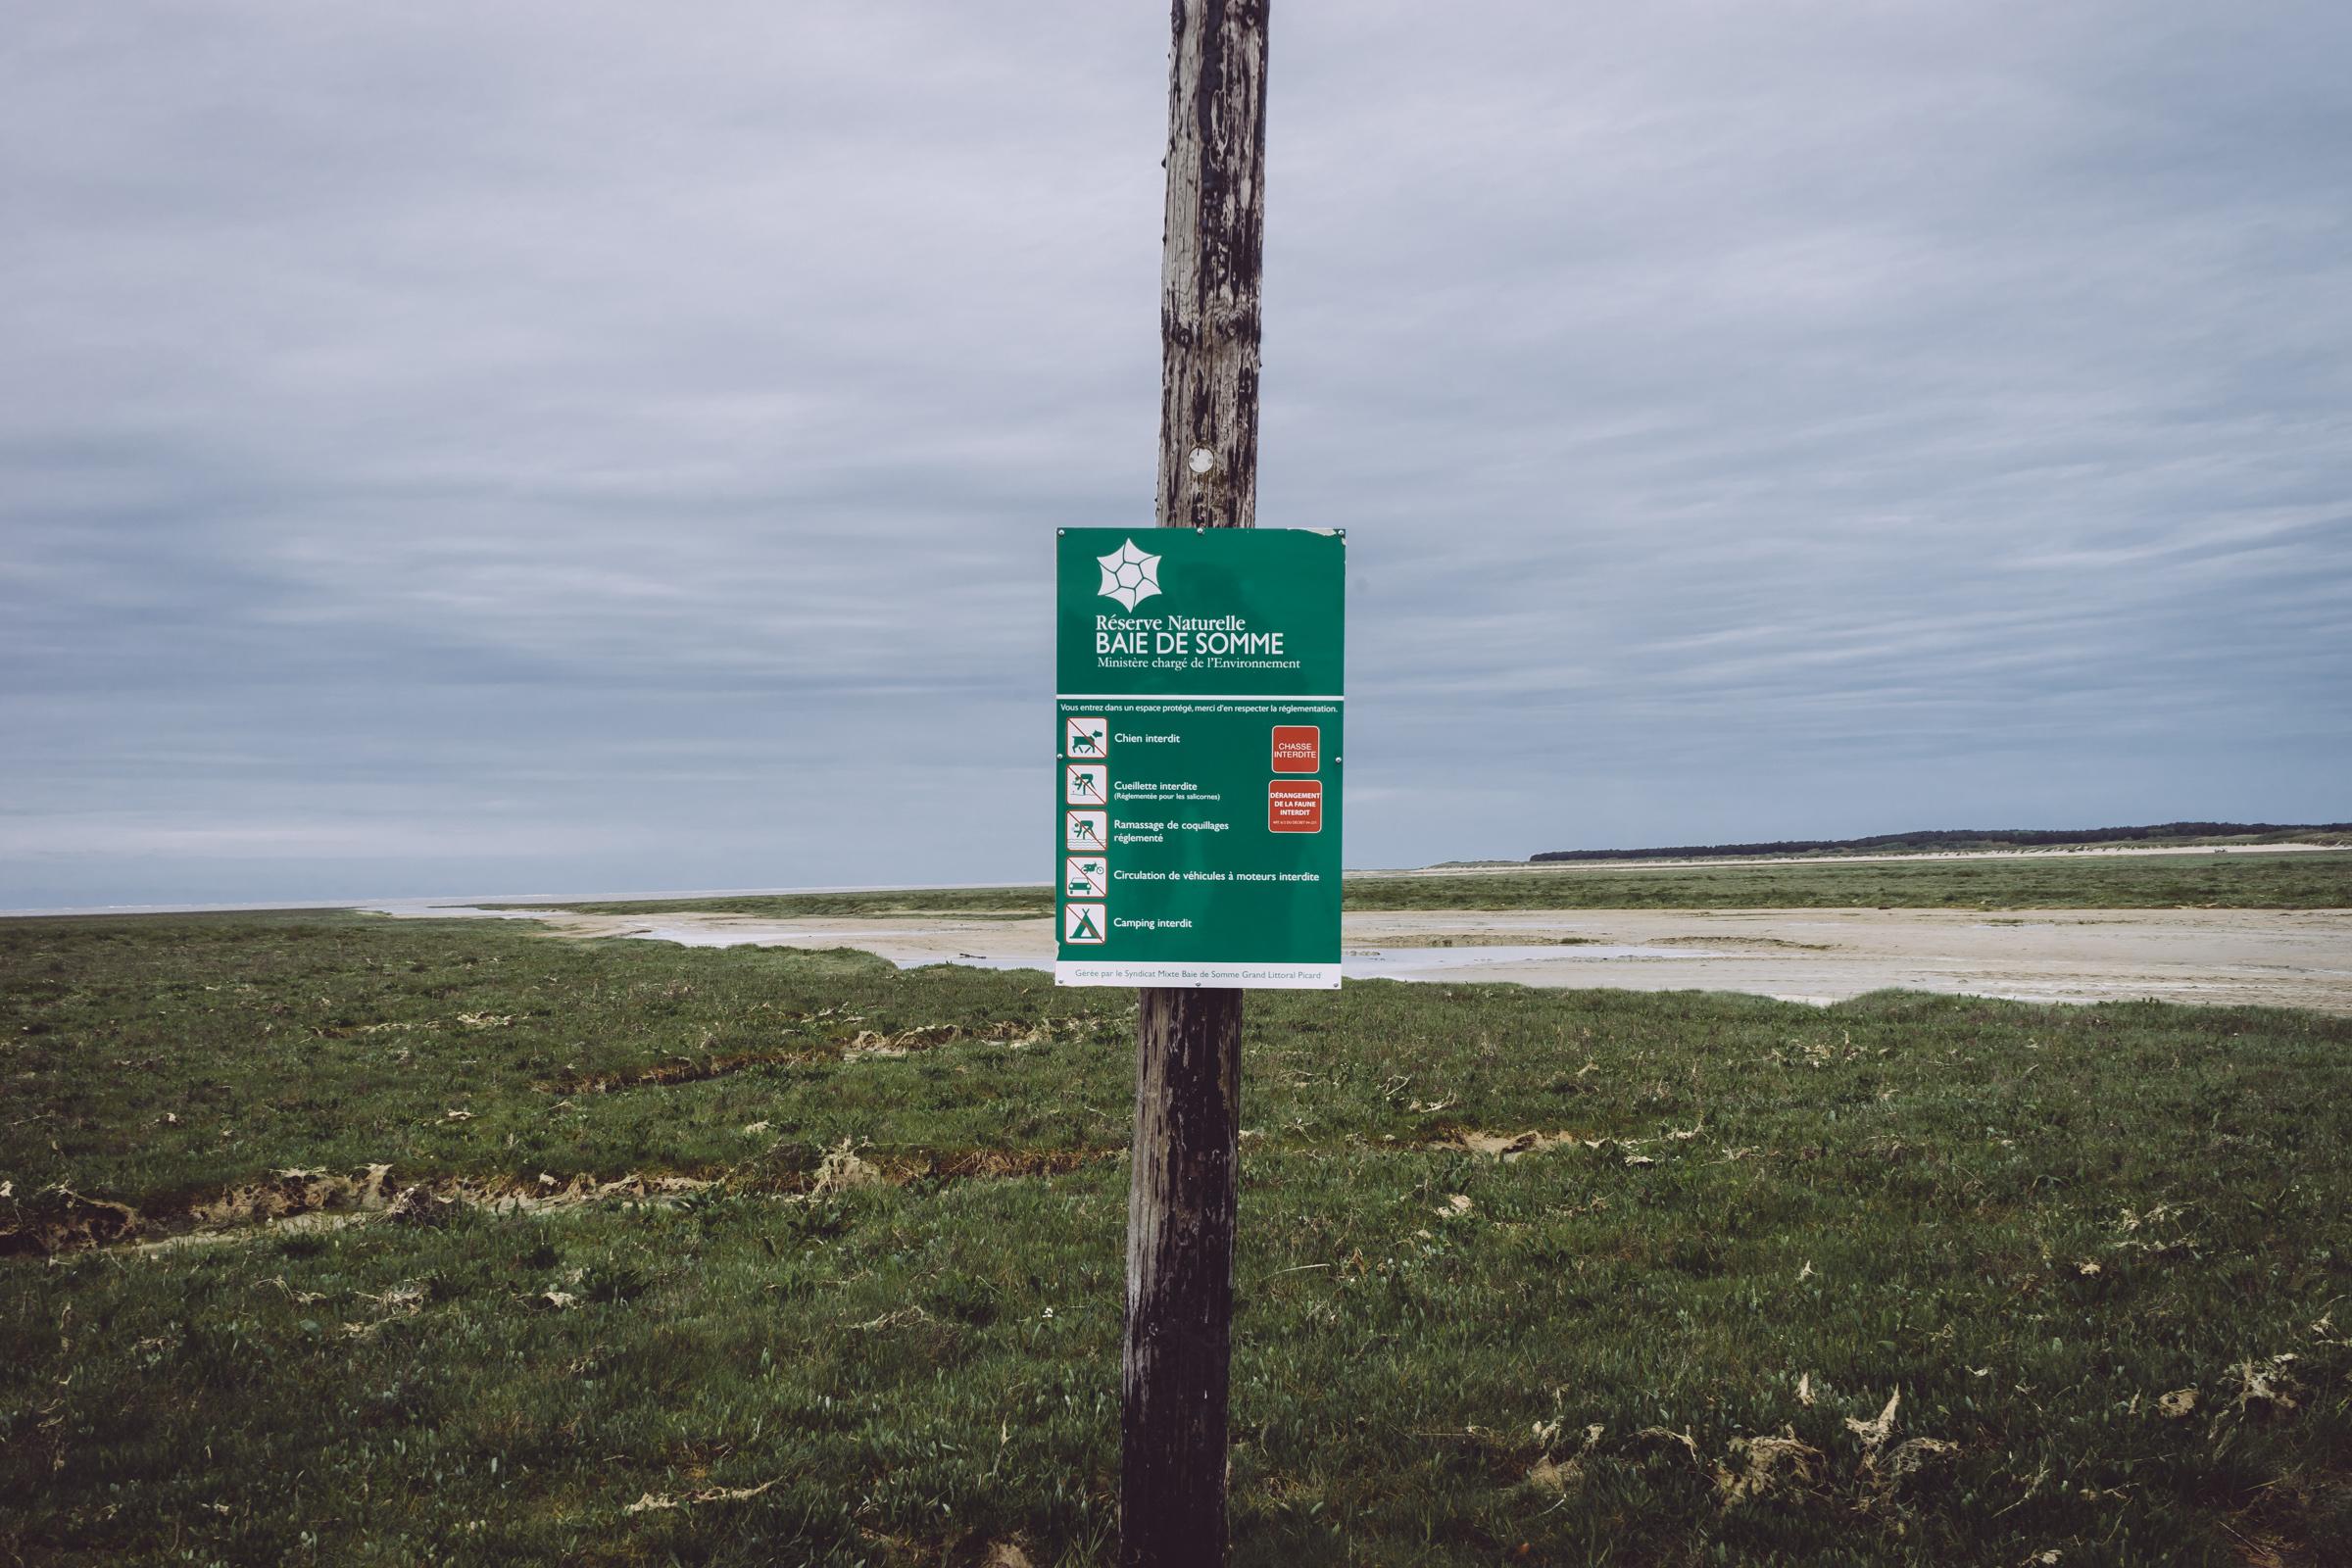 La réserve naturelle de la Baie de Somme